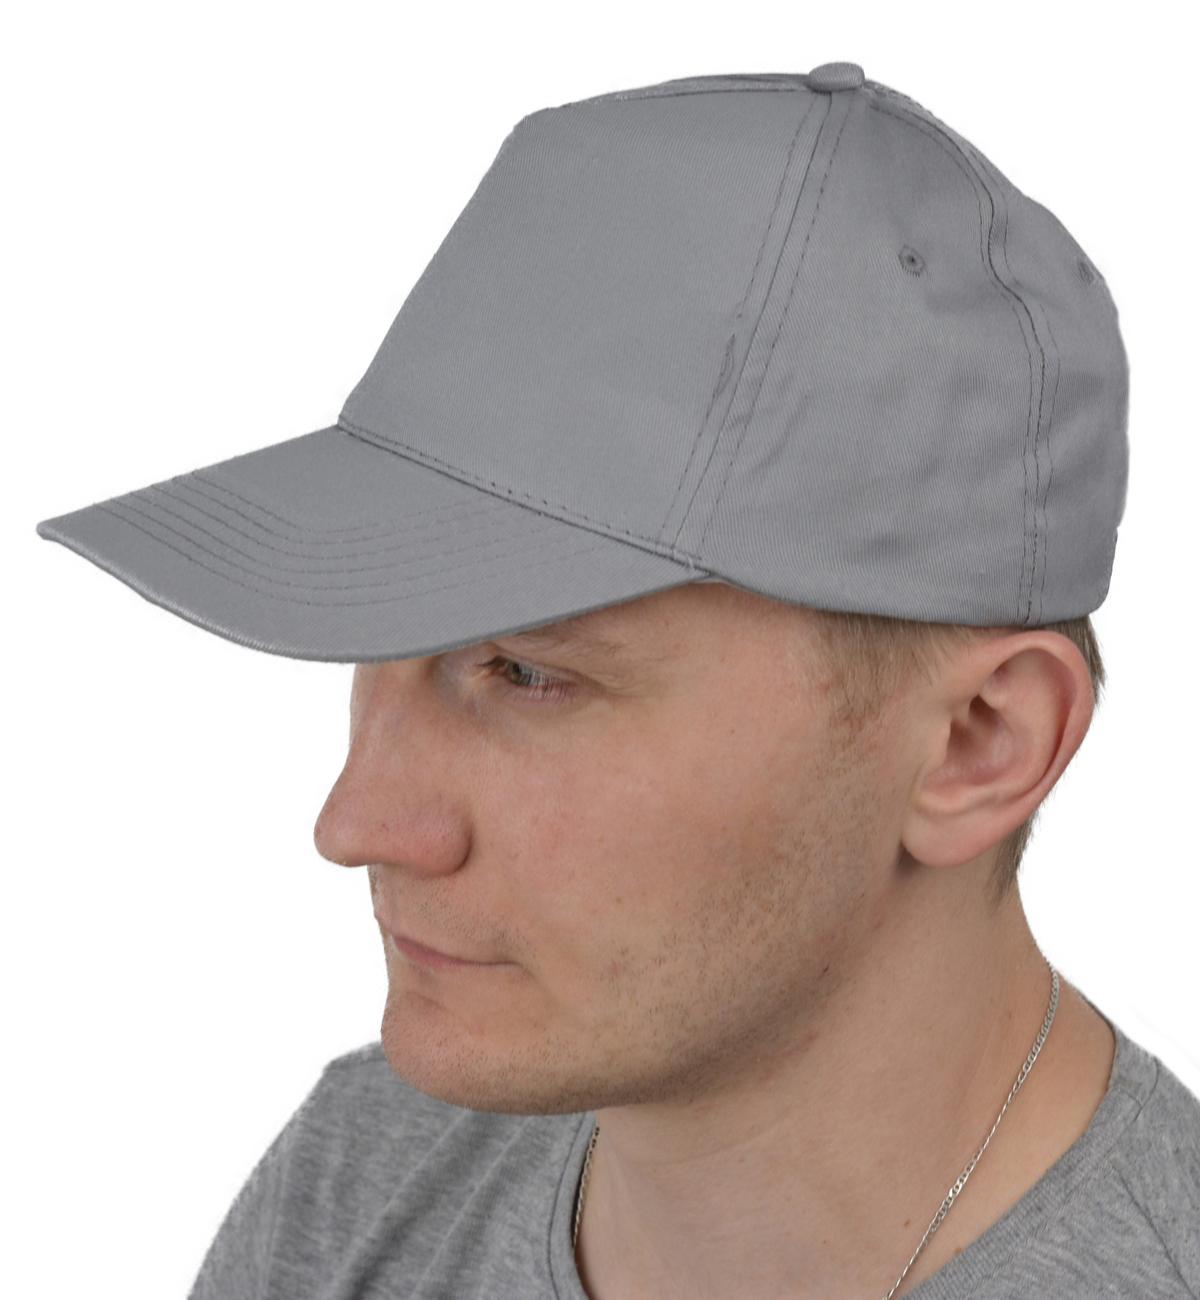 способы очищения кепок